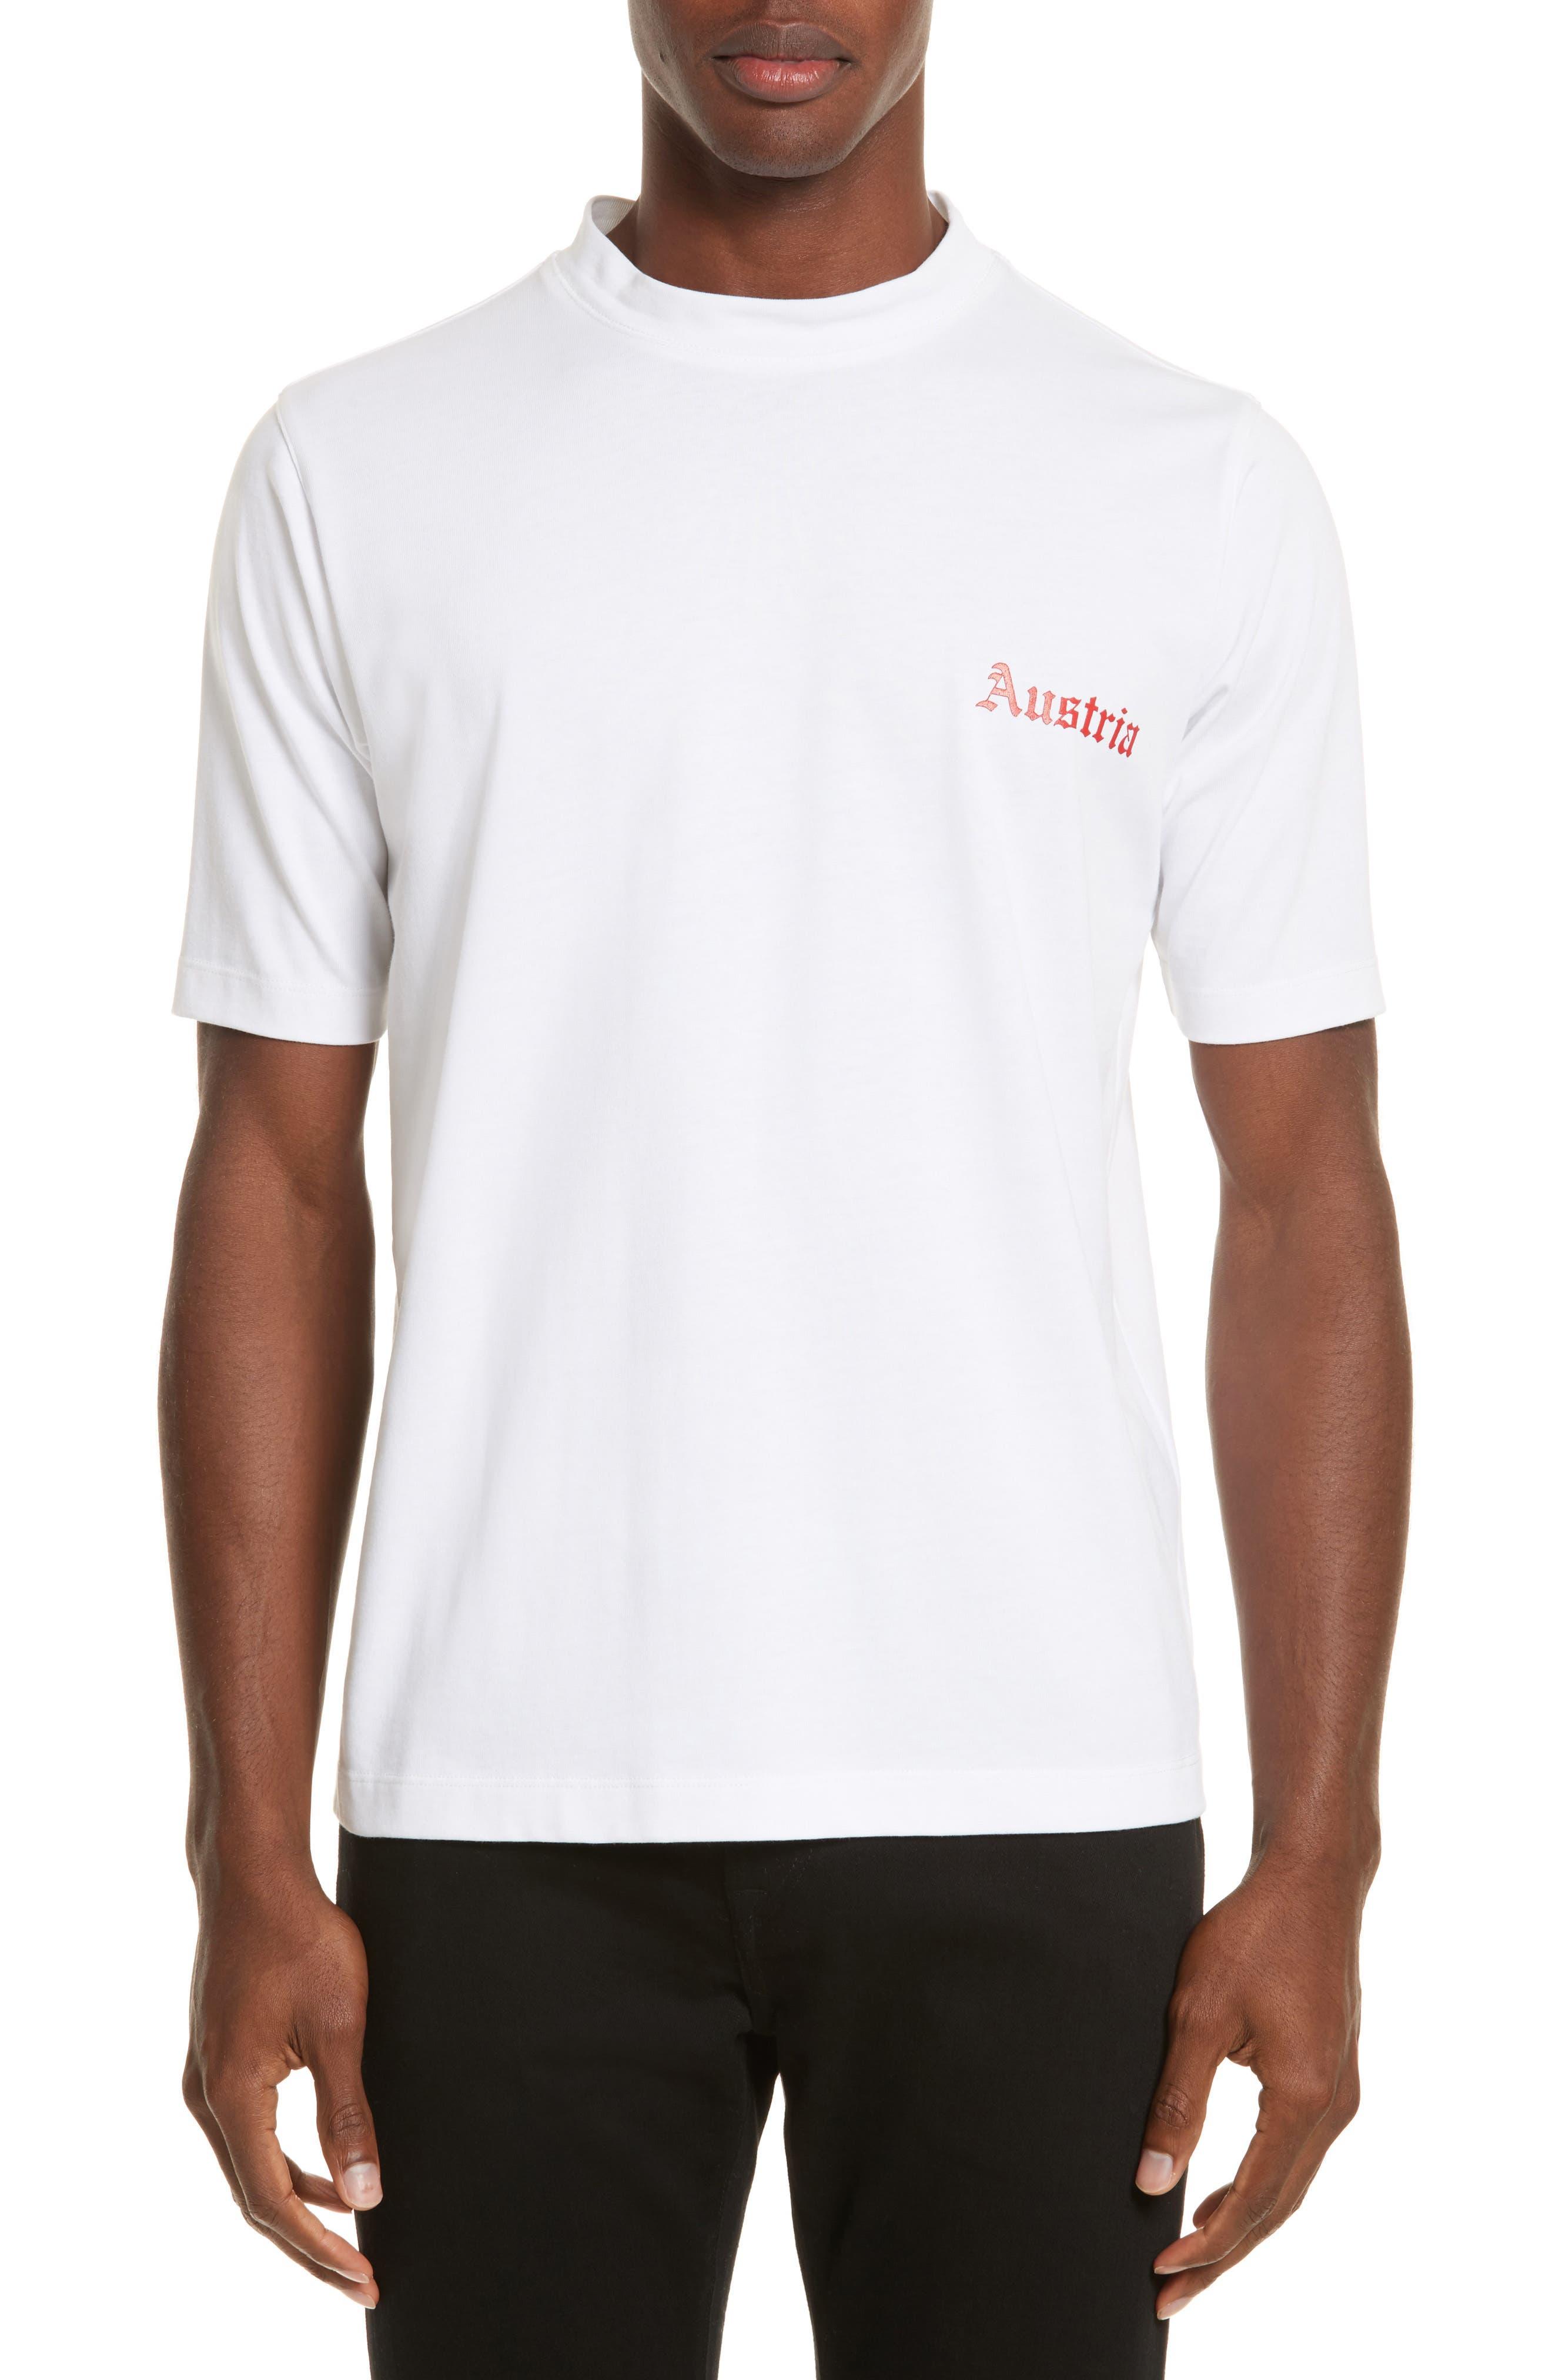 Austria Tall T-Shirt,                         Main,                         color, White